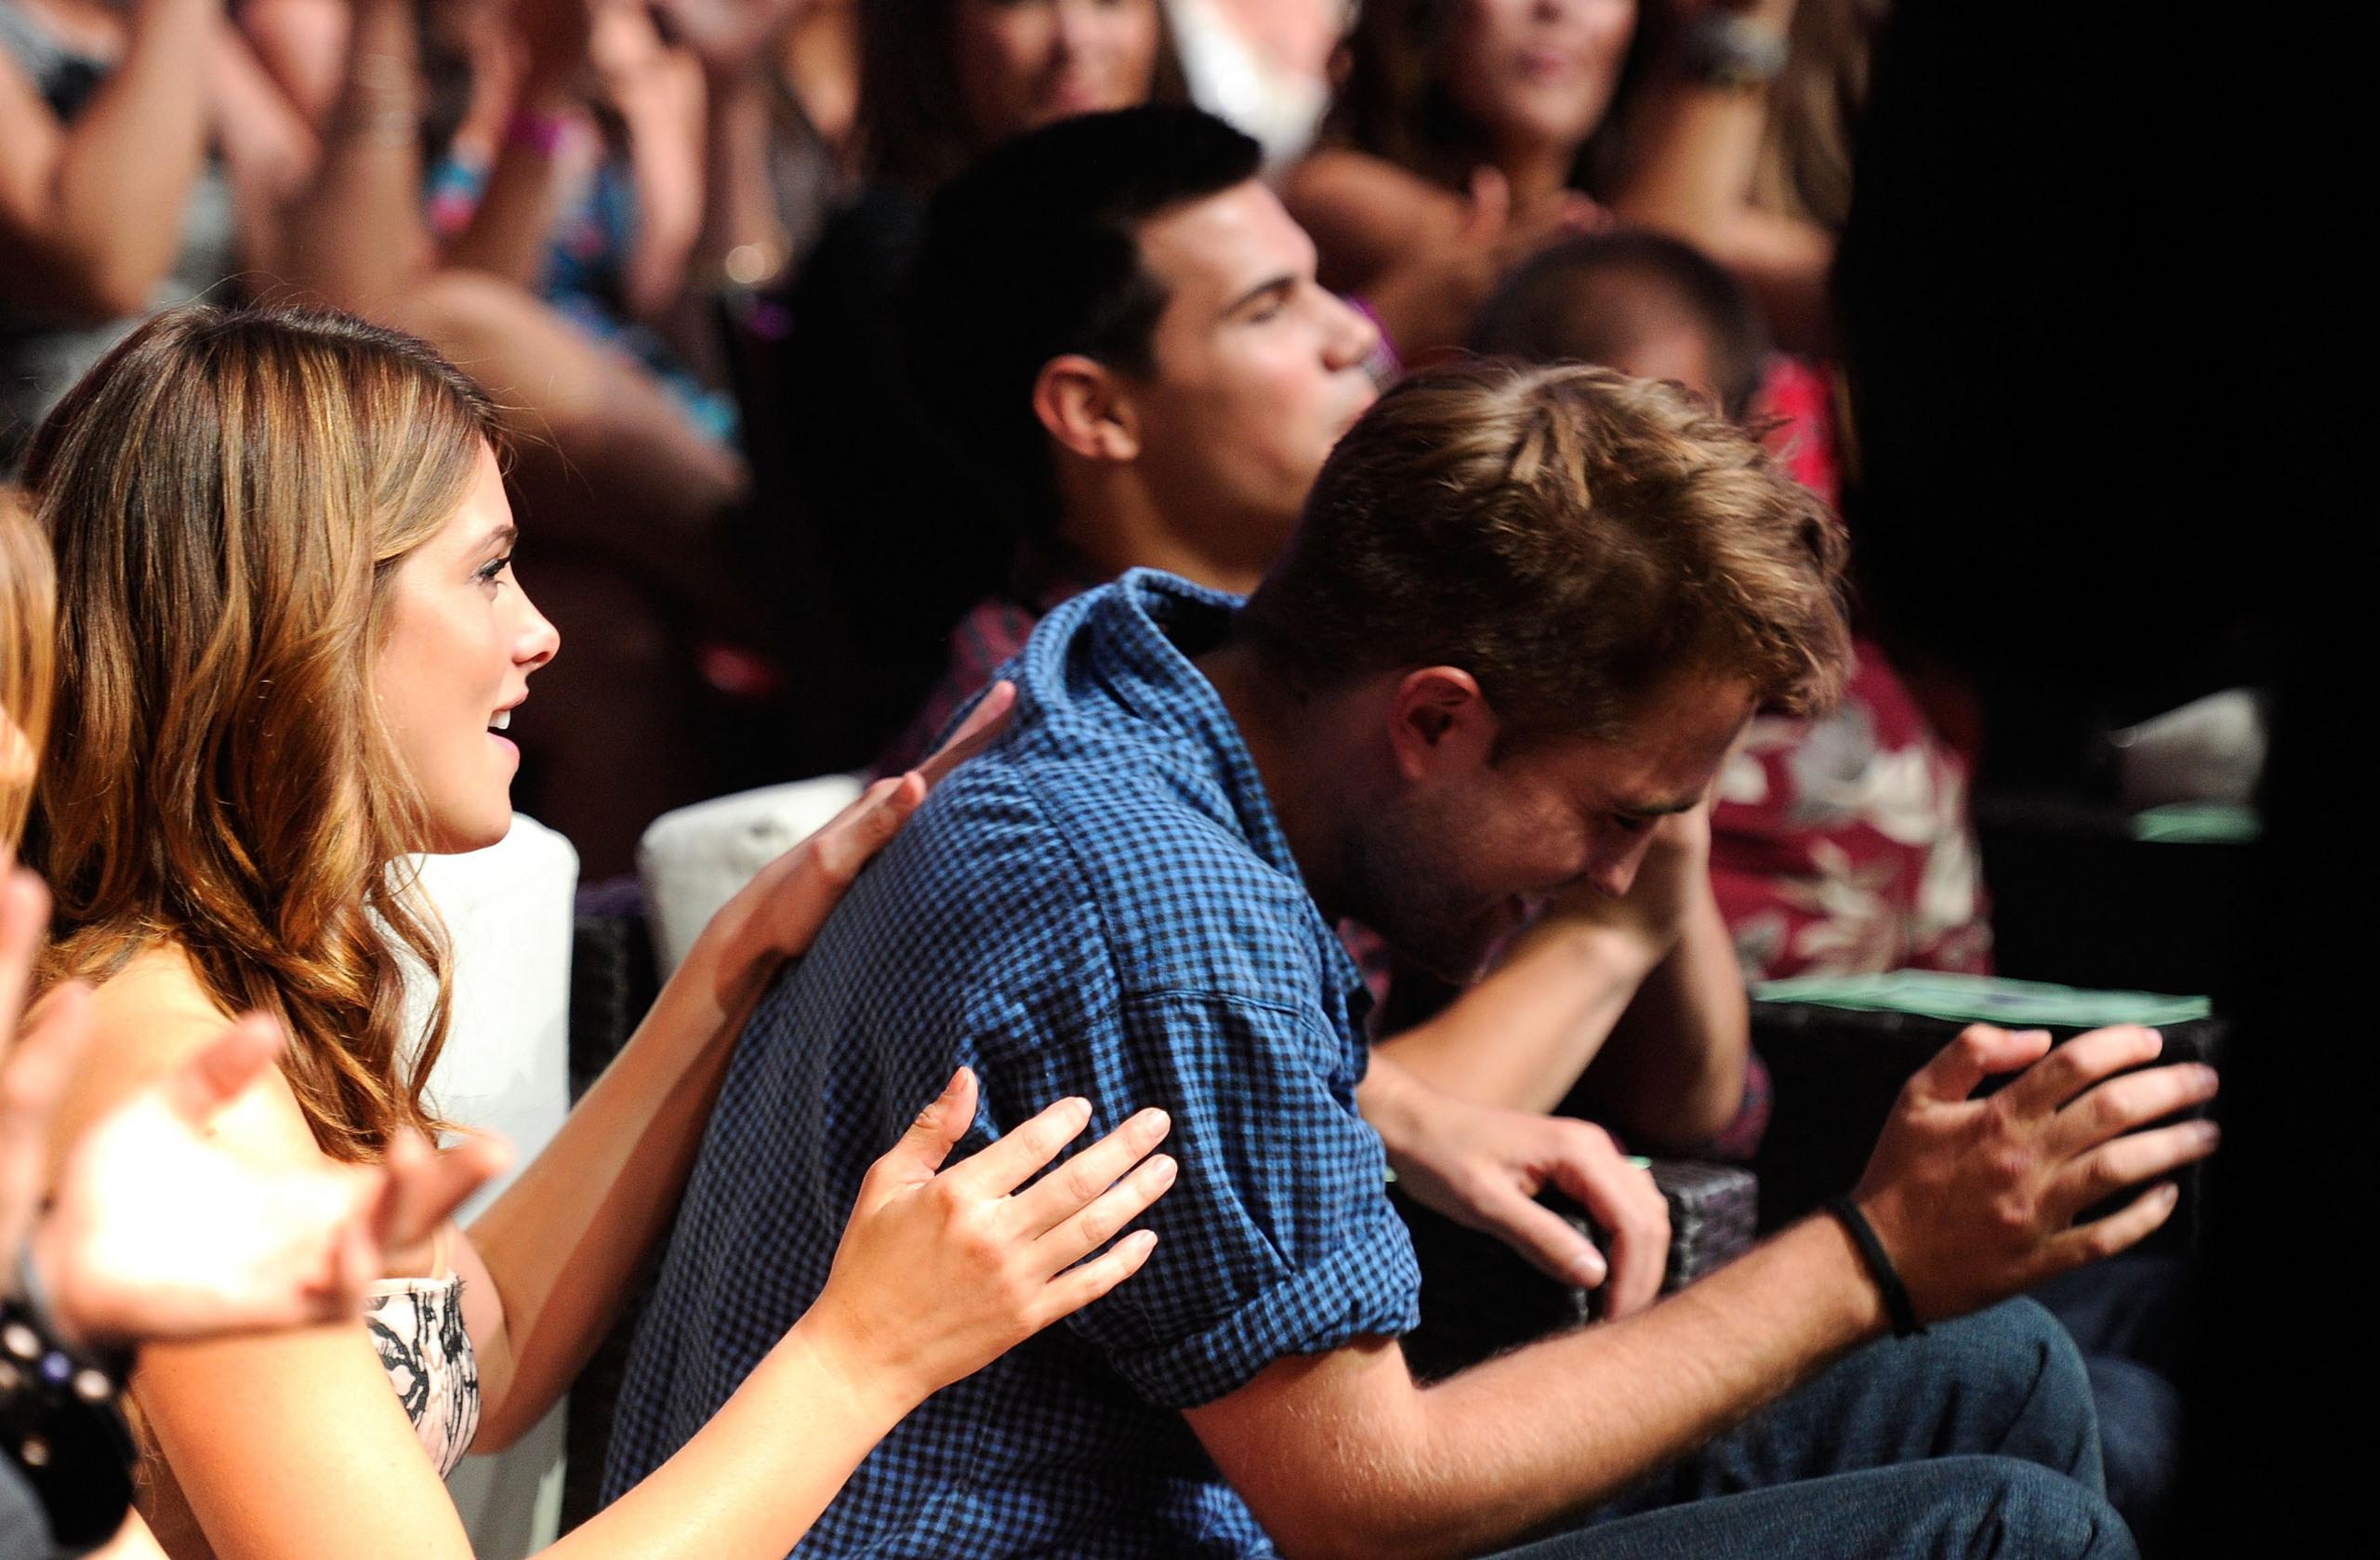 More Rob @ Teen Choice Awards '10 [HQ]